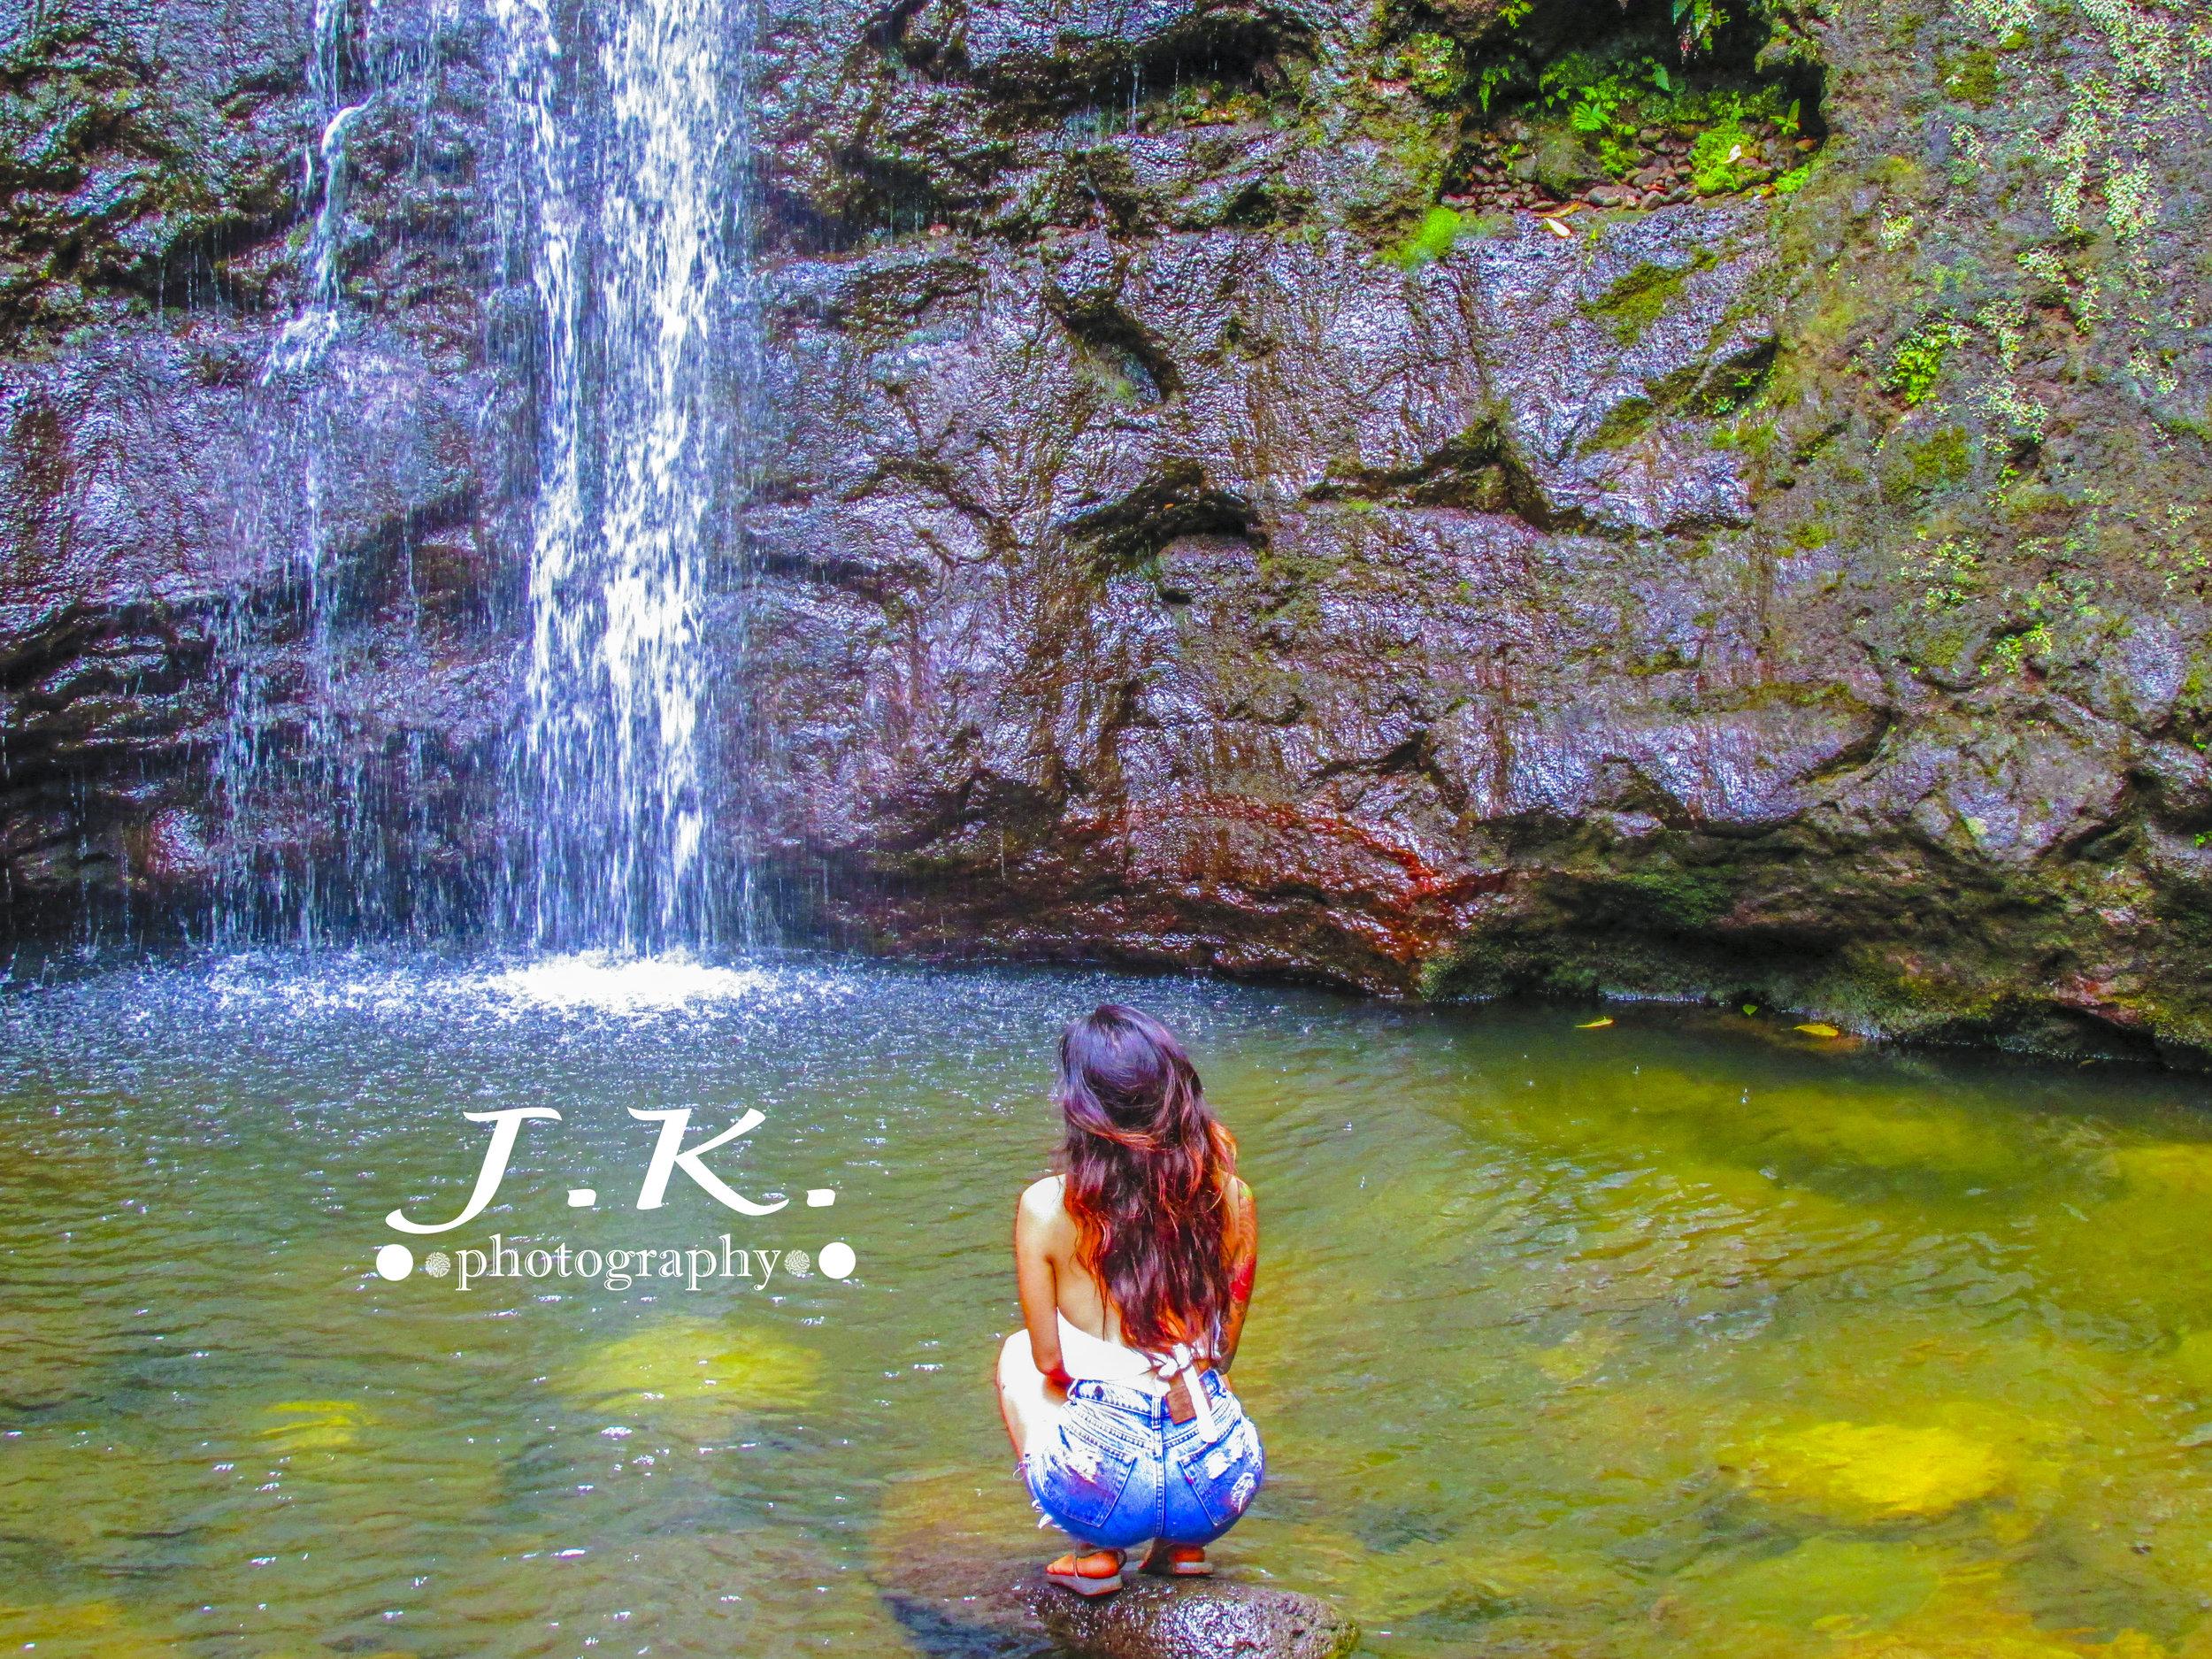 Oahu_Shoot_Sitting_On_Rock.jpg